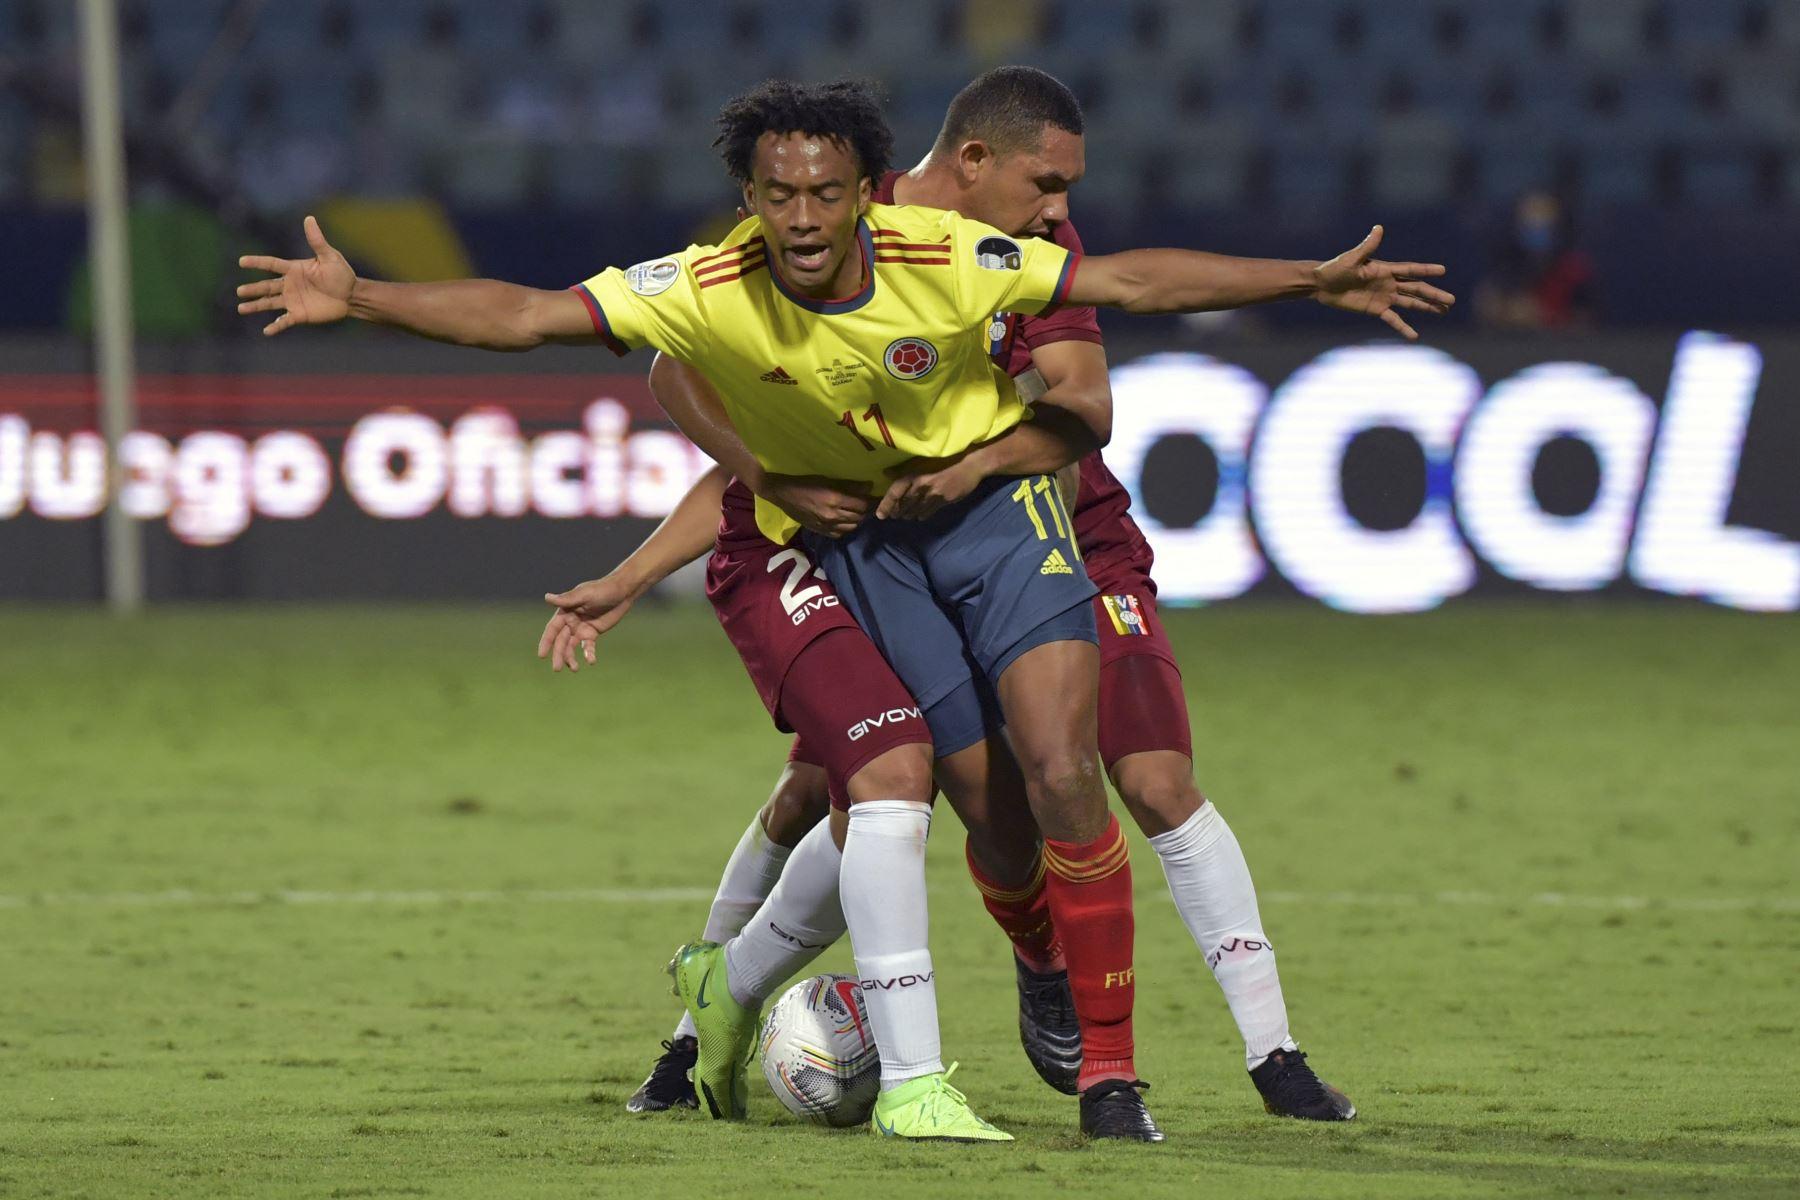 Juan Cuadrado recibe una falta del venezolano Bernaldo Manzano durante el partido de la fase de grupos de la Copa América, en el Estadio Olímpico de Goiania, Brasil. Foto: AFP